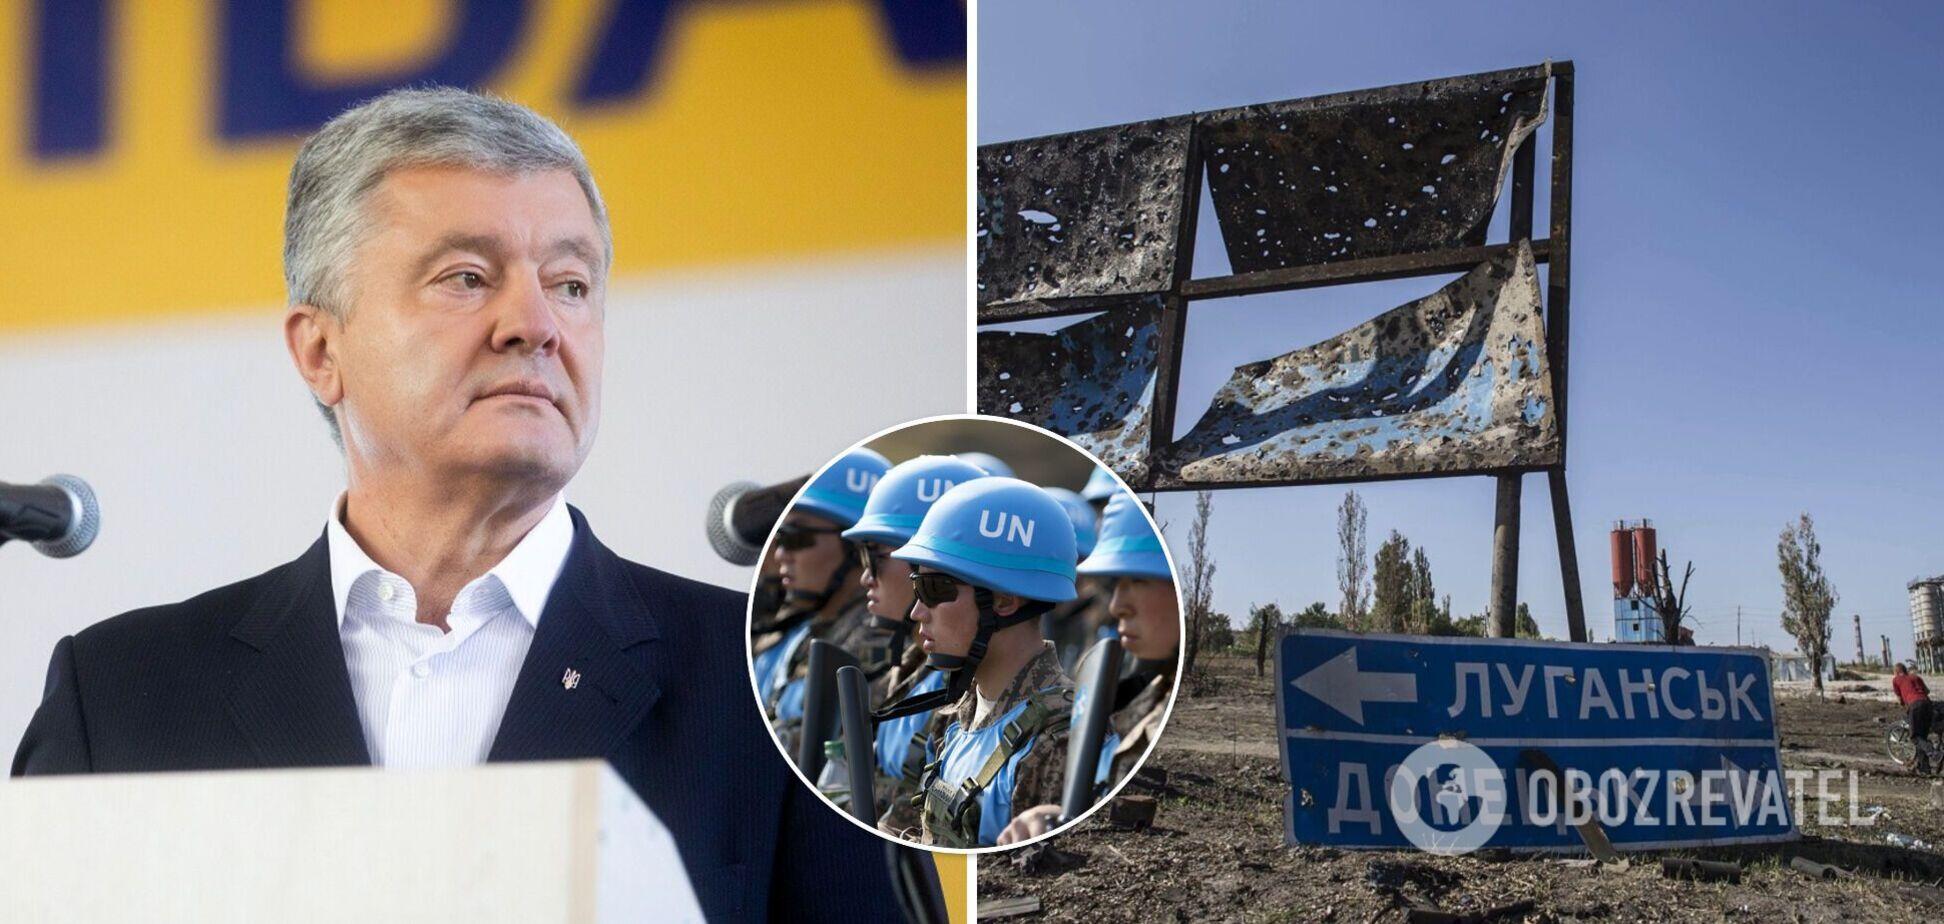 Украина обращалась к ООН относительно миротворцев на Донбассе еще в 2015 году: Порошенко показал документы